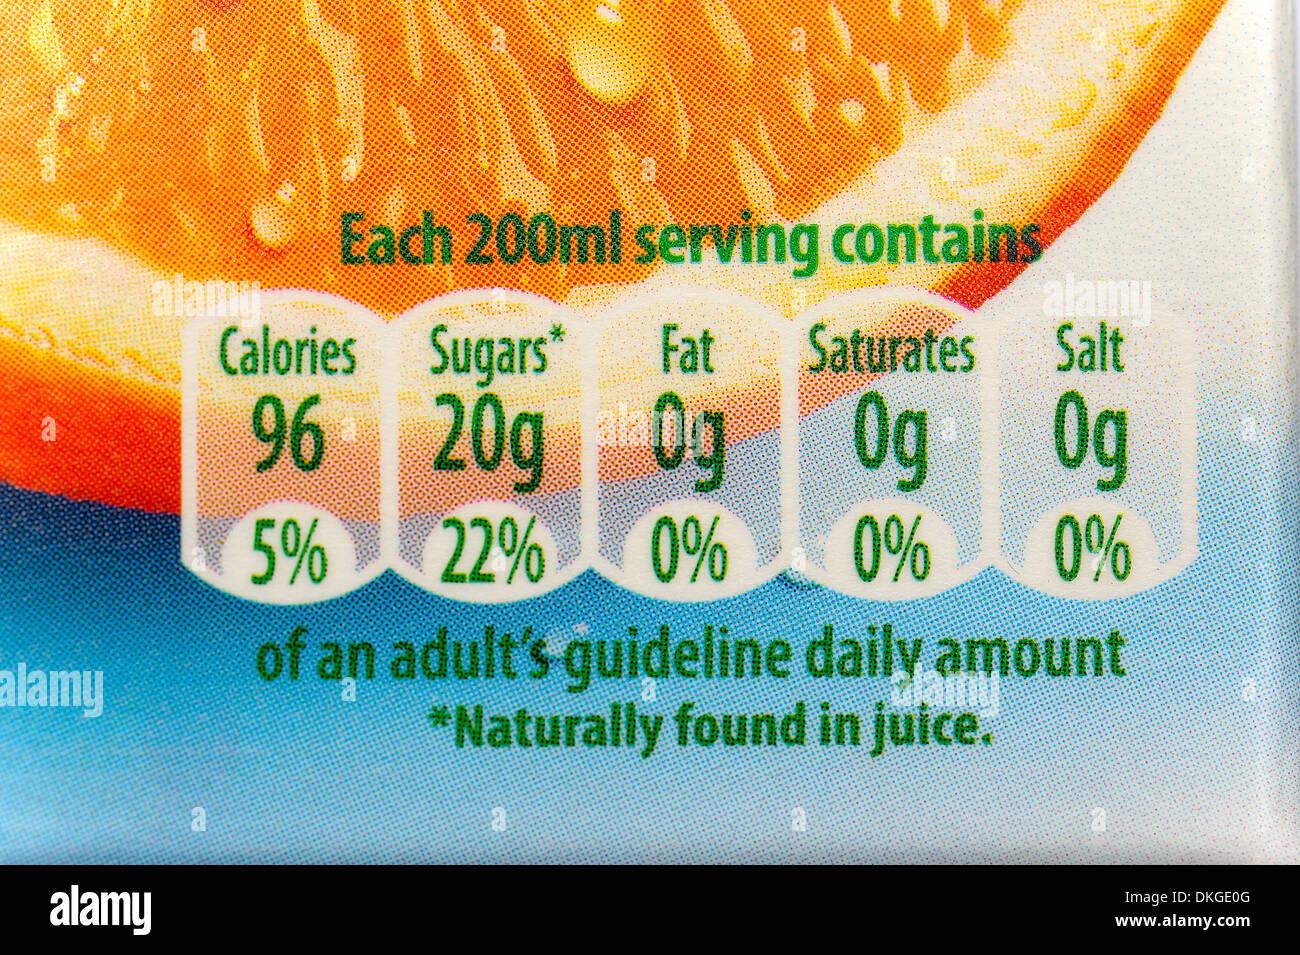 Los adultos diariamente directrices en calorías, azúcares, grasas,satura,y sal encontrados en un cartón de zumo de naranja. Imagen De Stock